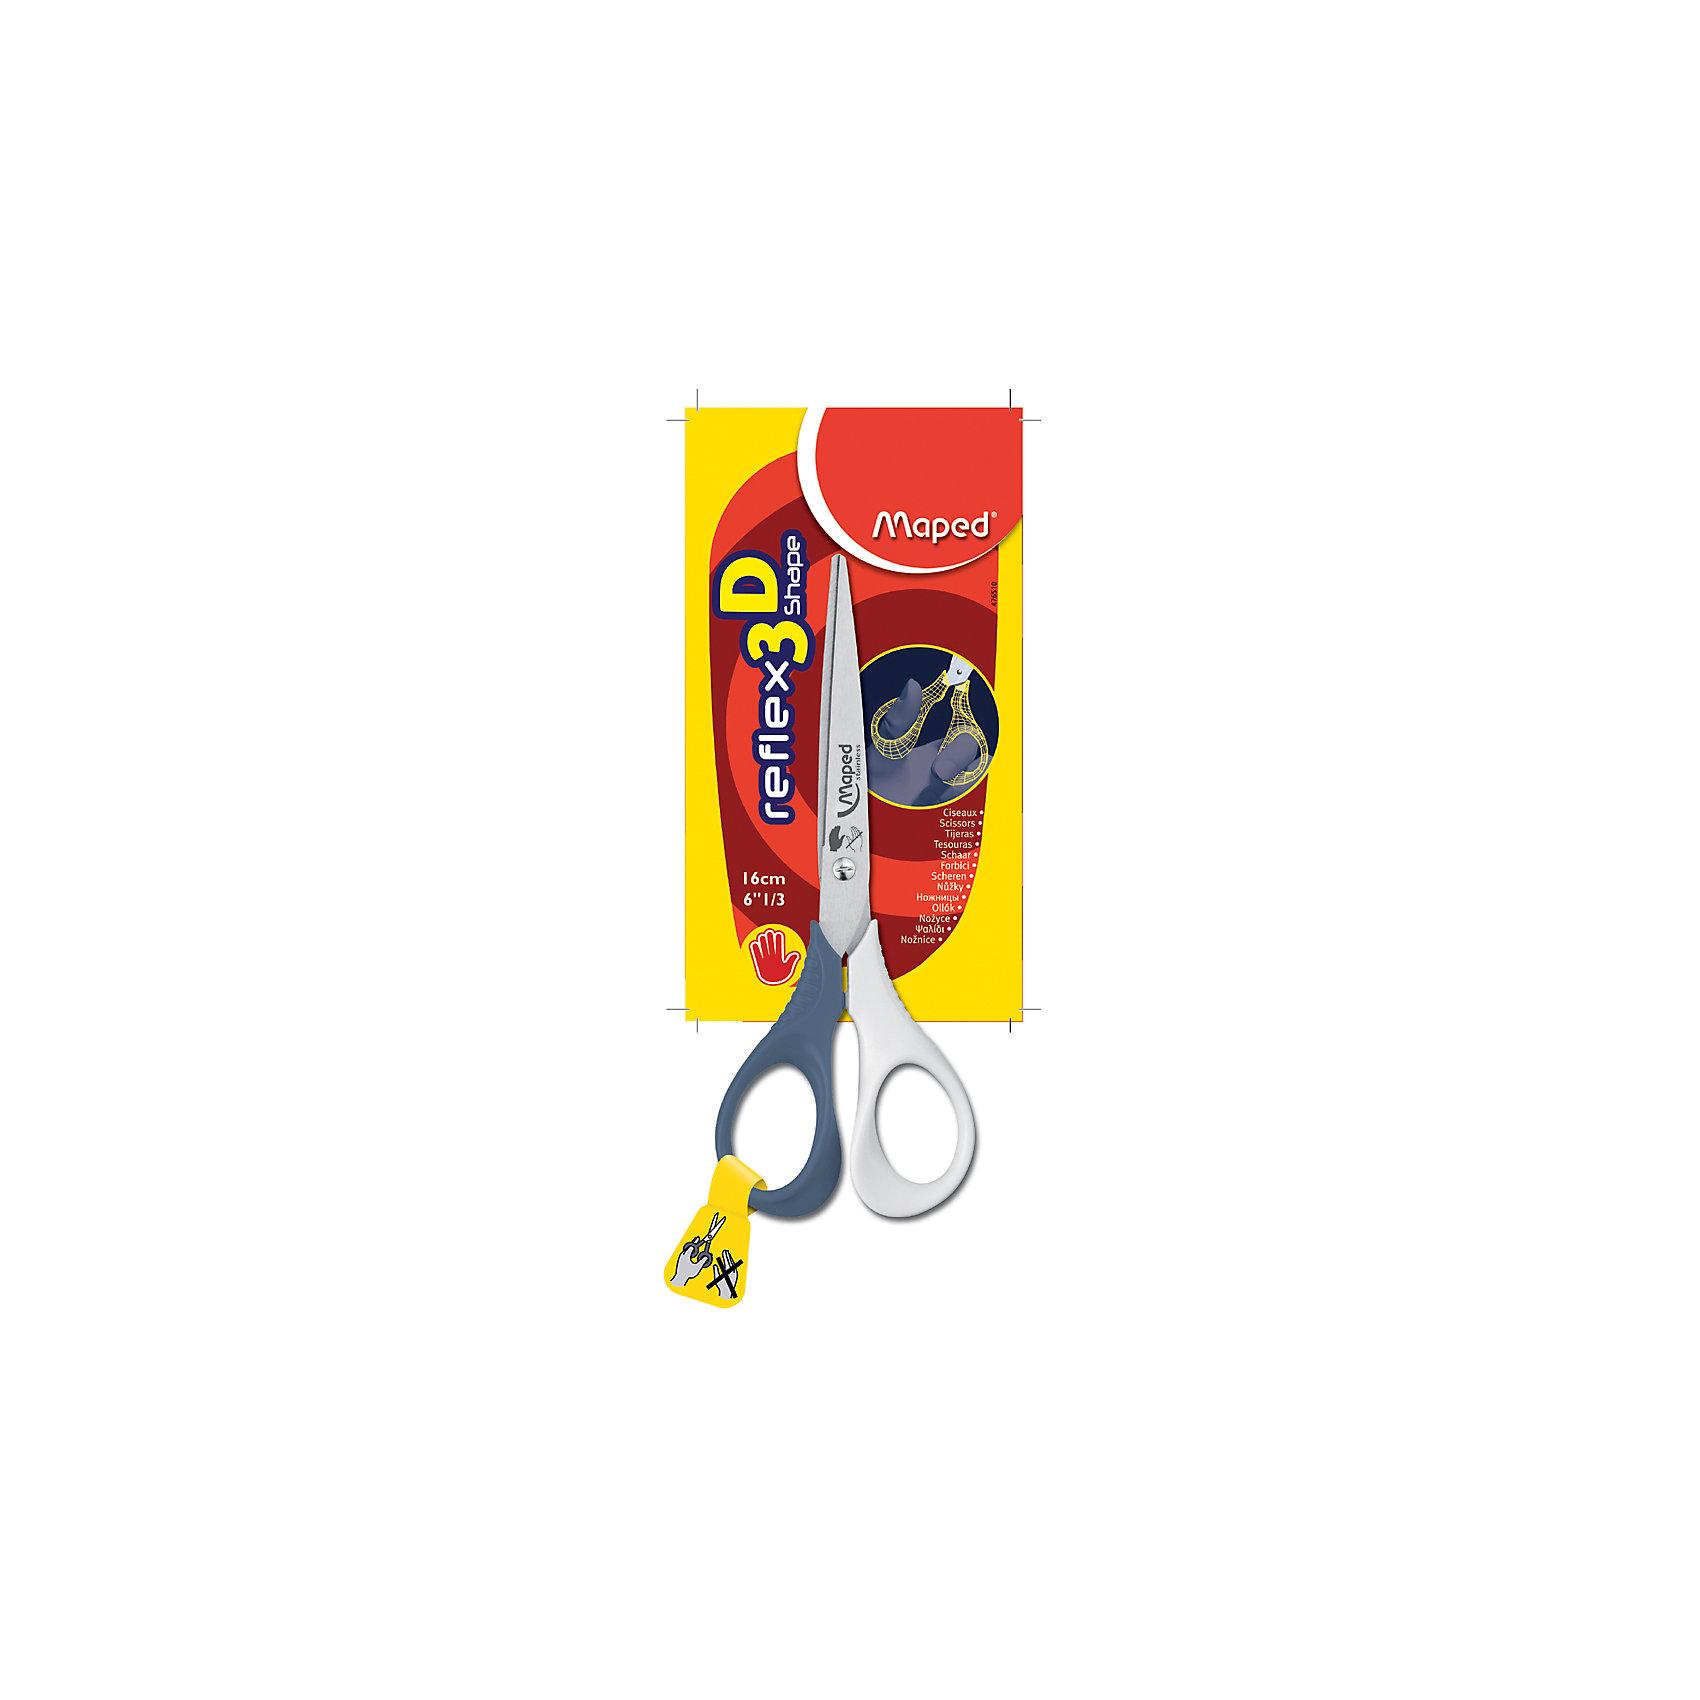 Канцелярские ножницы для левшей SHAPEКанцелярские ножницы для левшей SHAPE от марки Maped<br><br>Эти ножницы созданы специально для левшей. Ими очень легко вырезать. Ручки - из безопасного пластика, эргономичные, удобные.<br>Конструкция разработана для детской руки. Лезвия - прямые, безопасные. Симметричные.<br><br>Особенности данной модели:<br><br>прямые лезвия;<br>цвет: разноцветные;<br>симметричные.<br><br>Канцелярские ножницы для левшей SHAPE от марки Maped можно купить в нашем магазине.<br><br>Ширина мм: 75<br>Глубина мм: 205<br>Высота мм: 12<br>Вес г: 39<br>Возраст от месяцев: 36<br>Возраст до месяцев: 2147483647<br>Пол: Унисекс<br>Возраст: Детский<br>SKU: 4684750